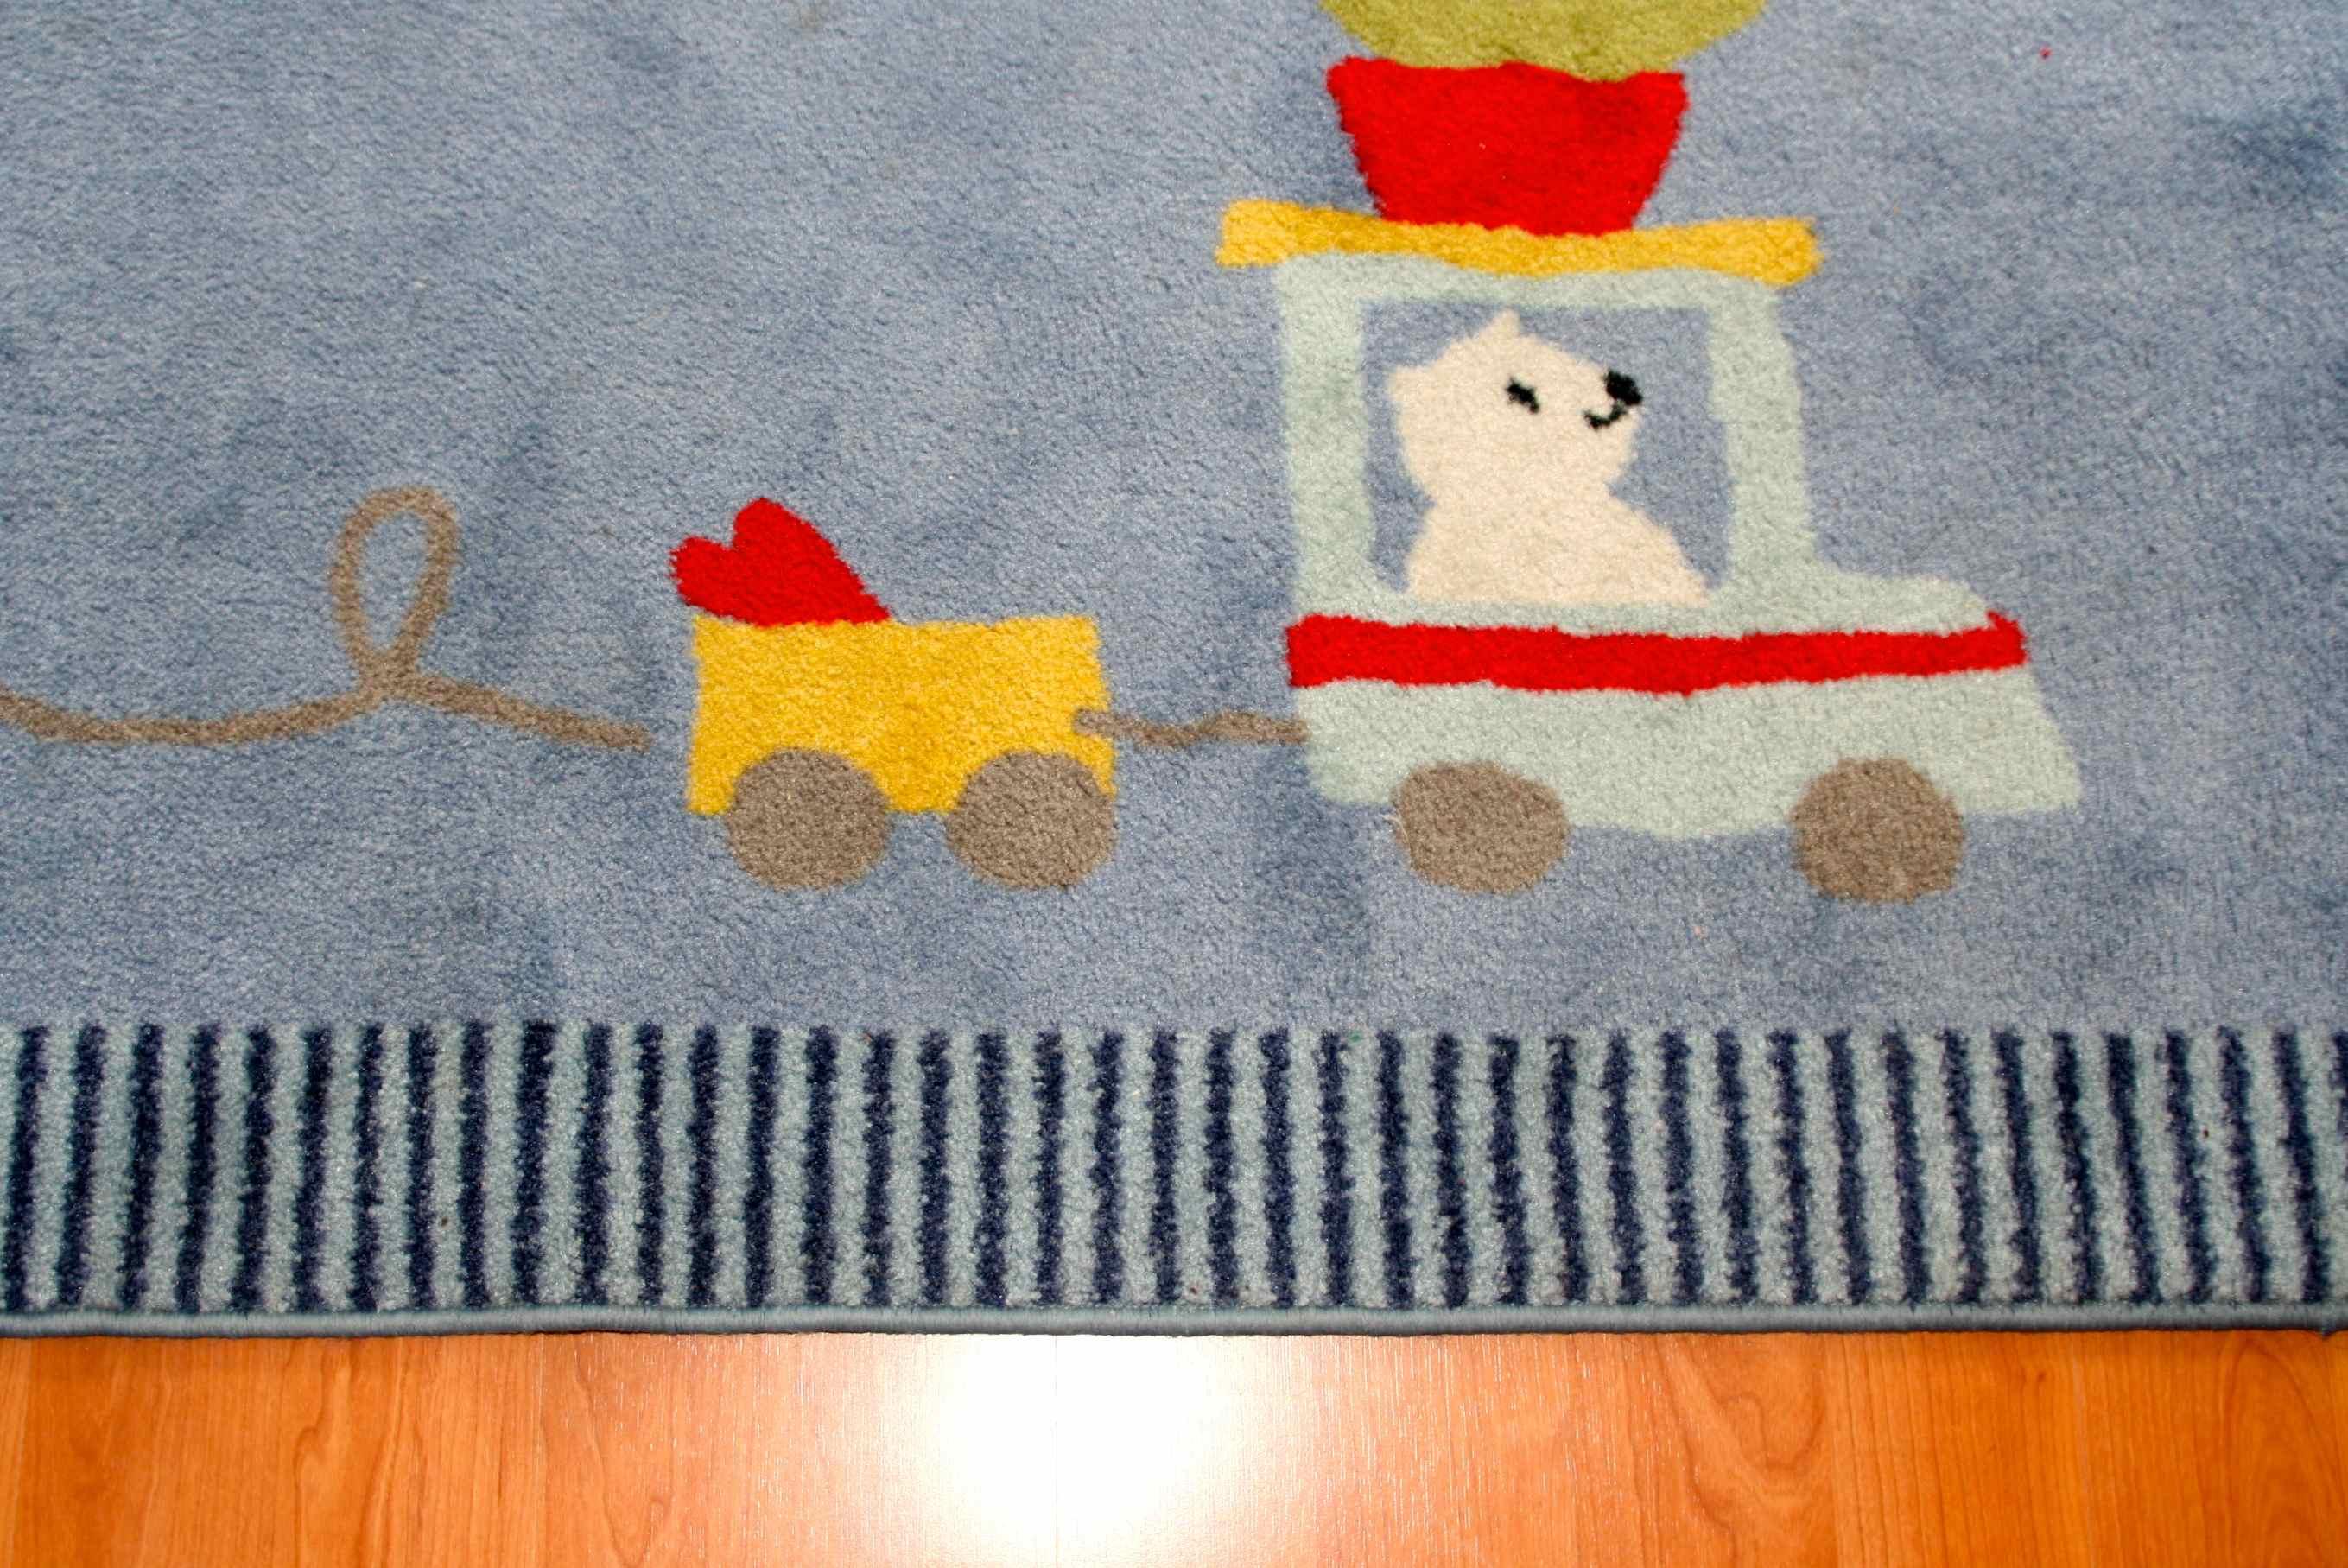 Como limpiar las alfombras en casa affordable affordable - Limpiar alfombra en casa ...